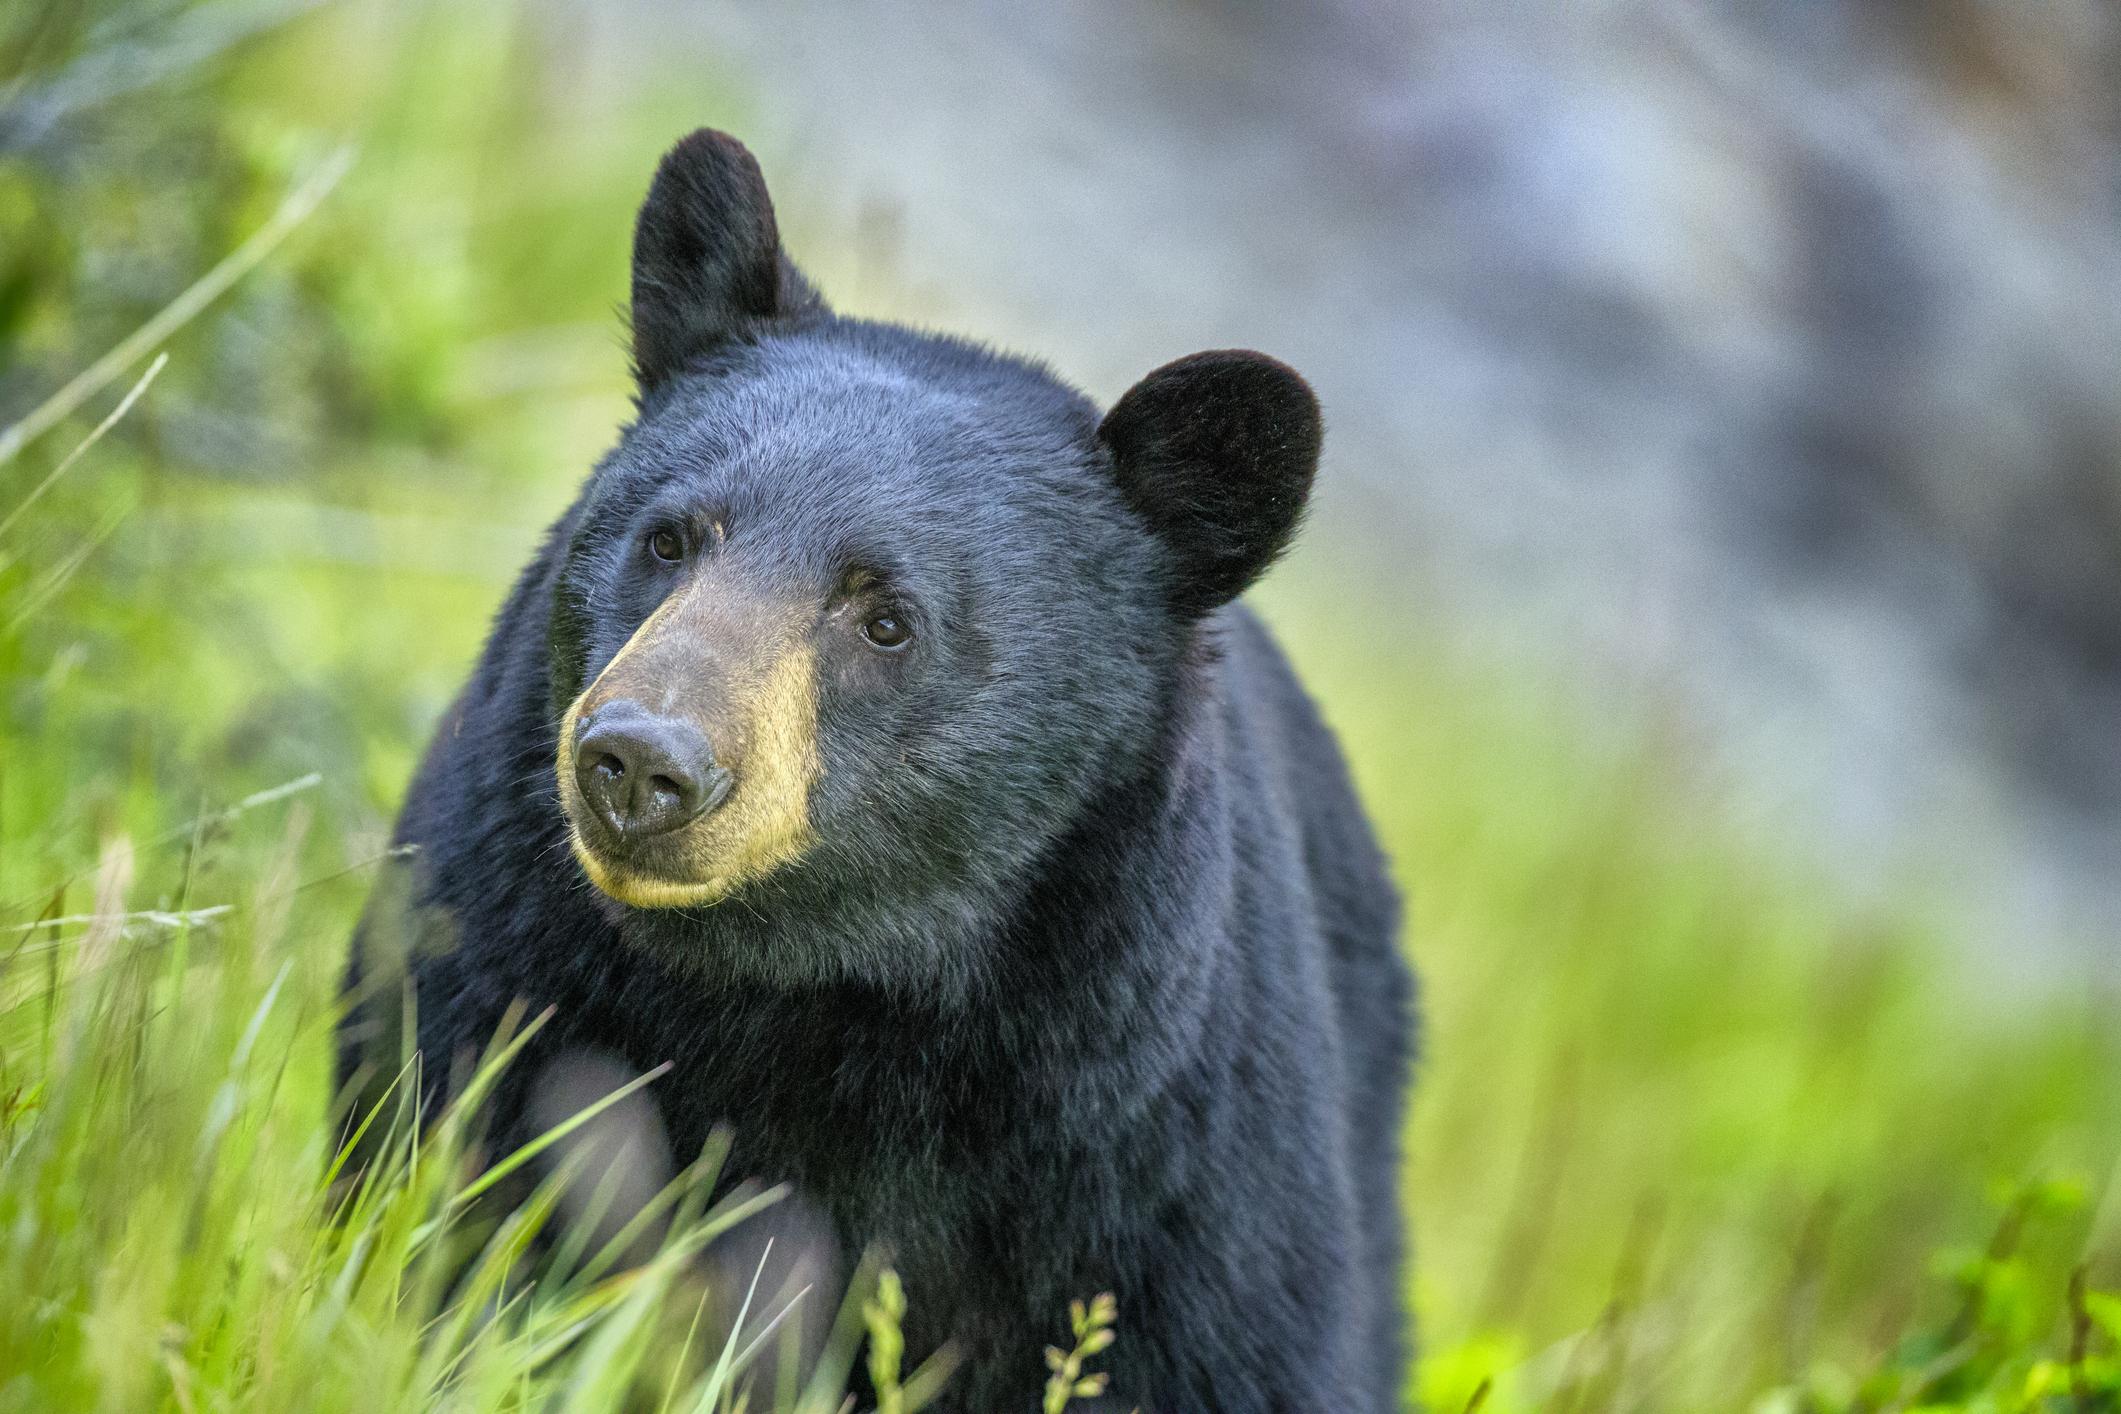 <p>Eдна 130-килограмова американска черна мечка прекарва 2 часа&nbsp;на дърво край магистрала в Ню Джърси. Случаят от 2011 г. привлякъл тълпа от наблюдатели, а районът бил със засилен трафик. Пожарникари и служители на реда успяват все пак да спуснат животното от дървото преди нещо да му се е случило и то е върнато обратно в дивата природа.&nbsp;</p>